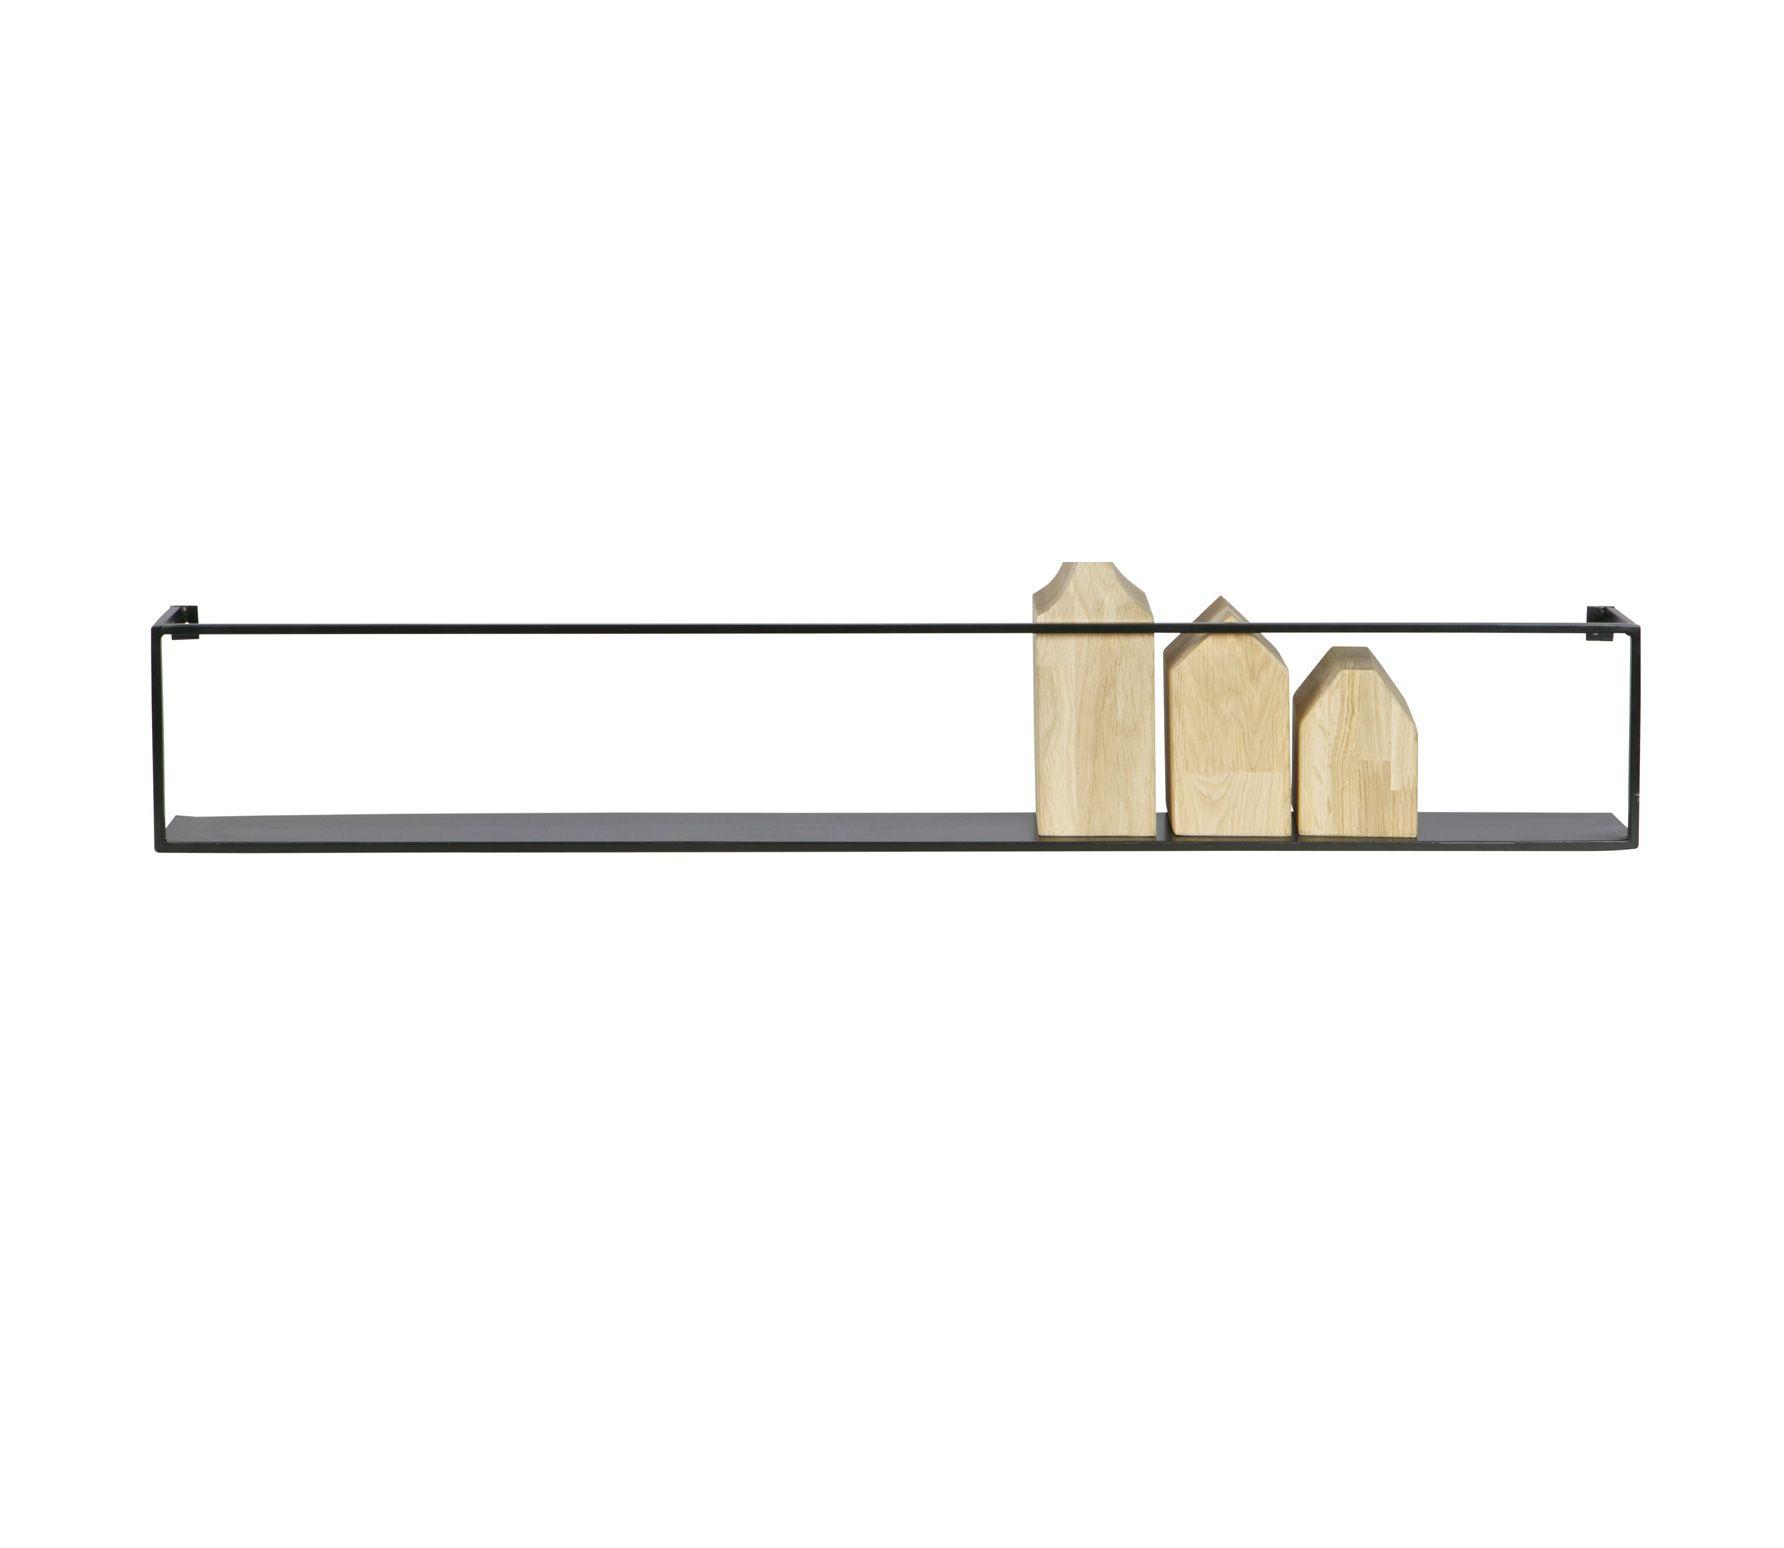 Wandplank Zwart Metaal.Voorbeeld Van Meert Metalen Wandplank Zwart 100 Cm Woood Beer